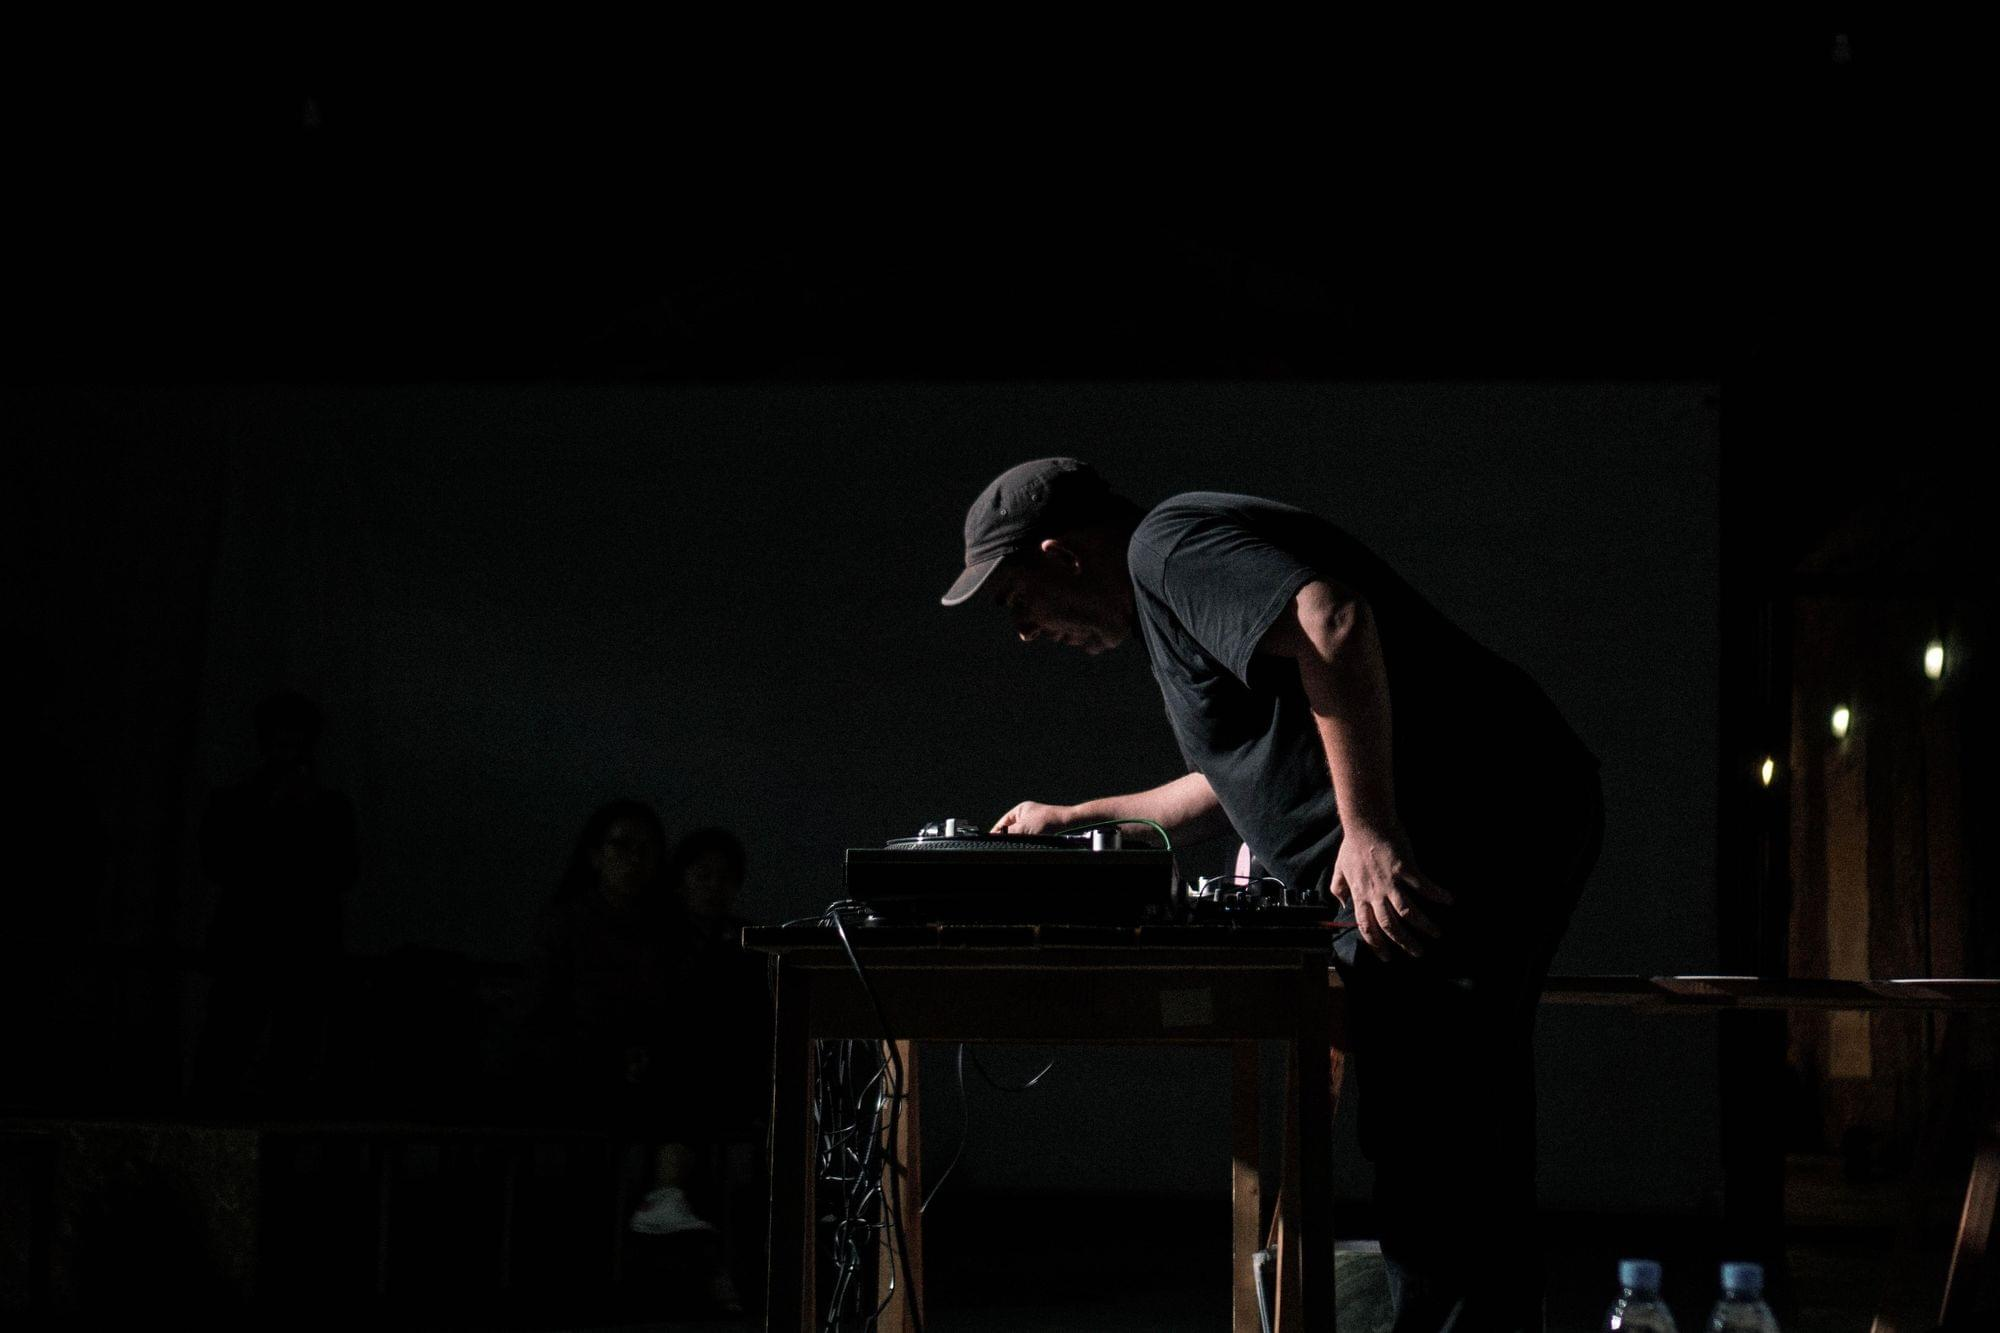 Make awesome beats on La Scratcheuse